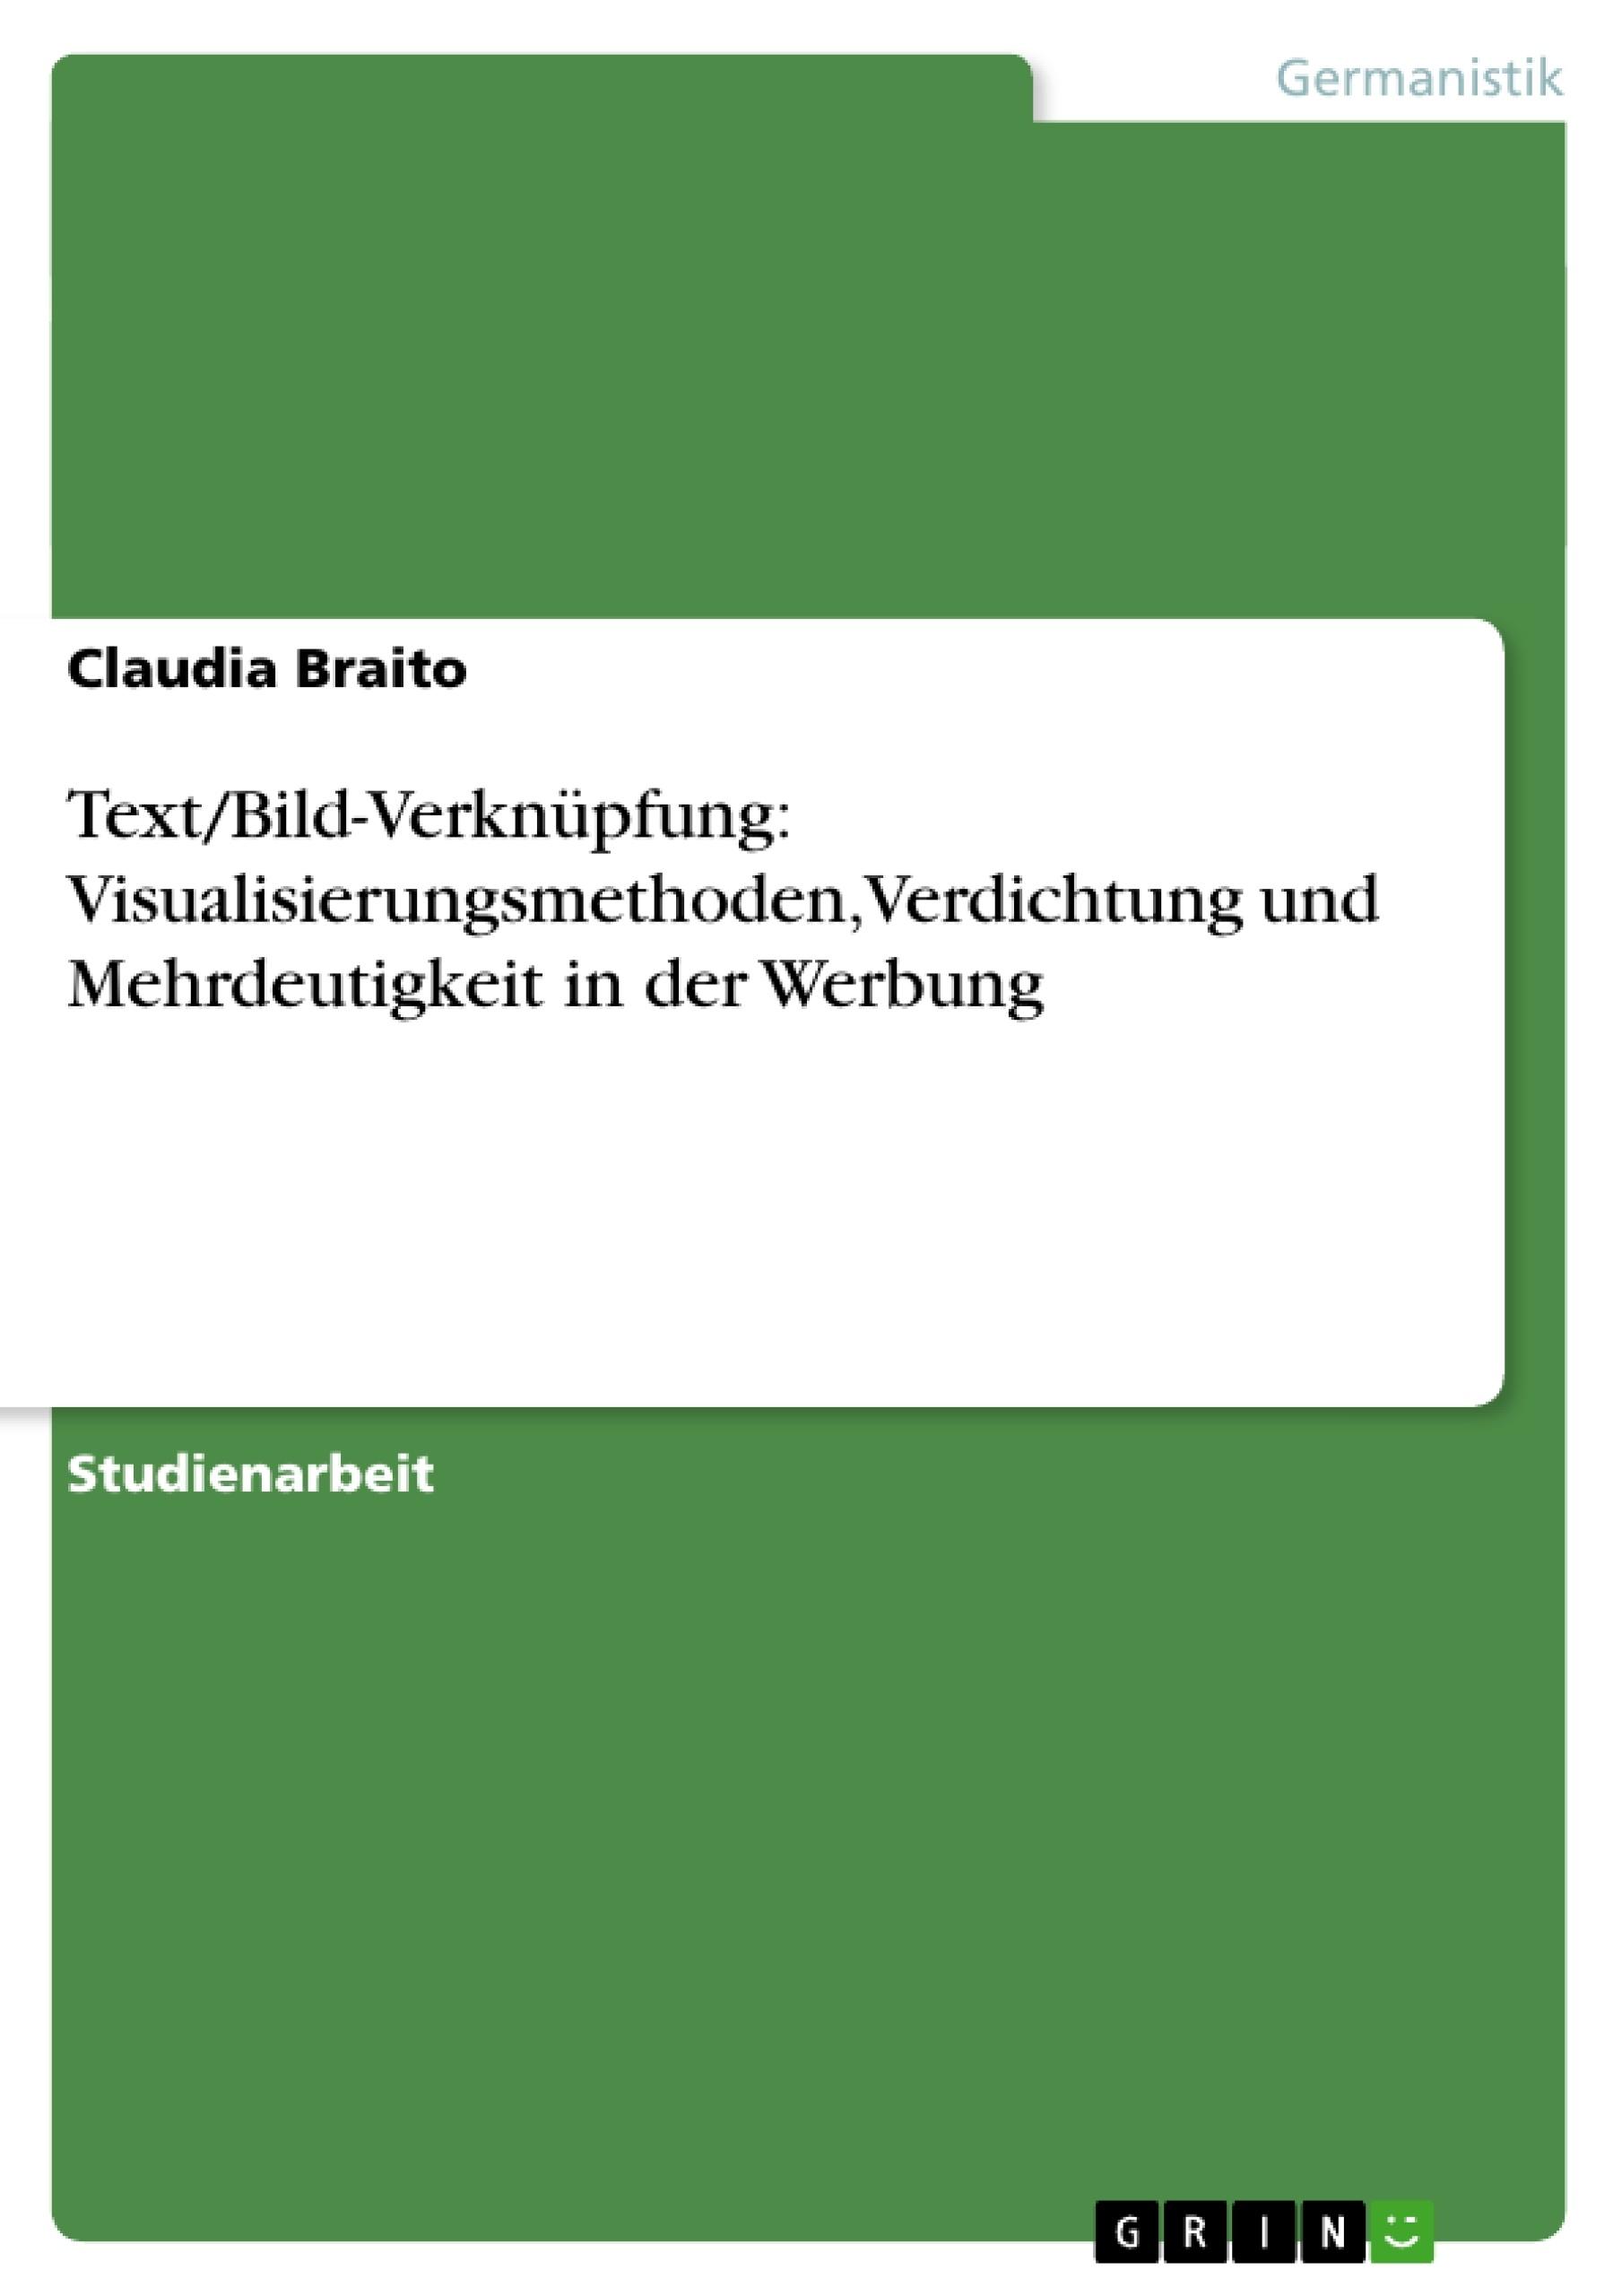 Titel: Text/Bild-Verknüpfung: Visualisierungsmethoden, Verdichtung und Mehrdeutigkeit in der Werbung